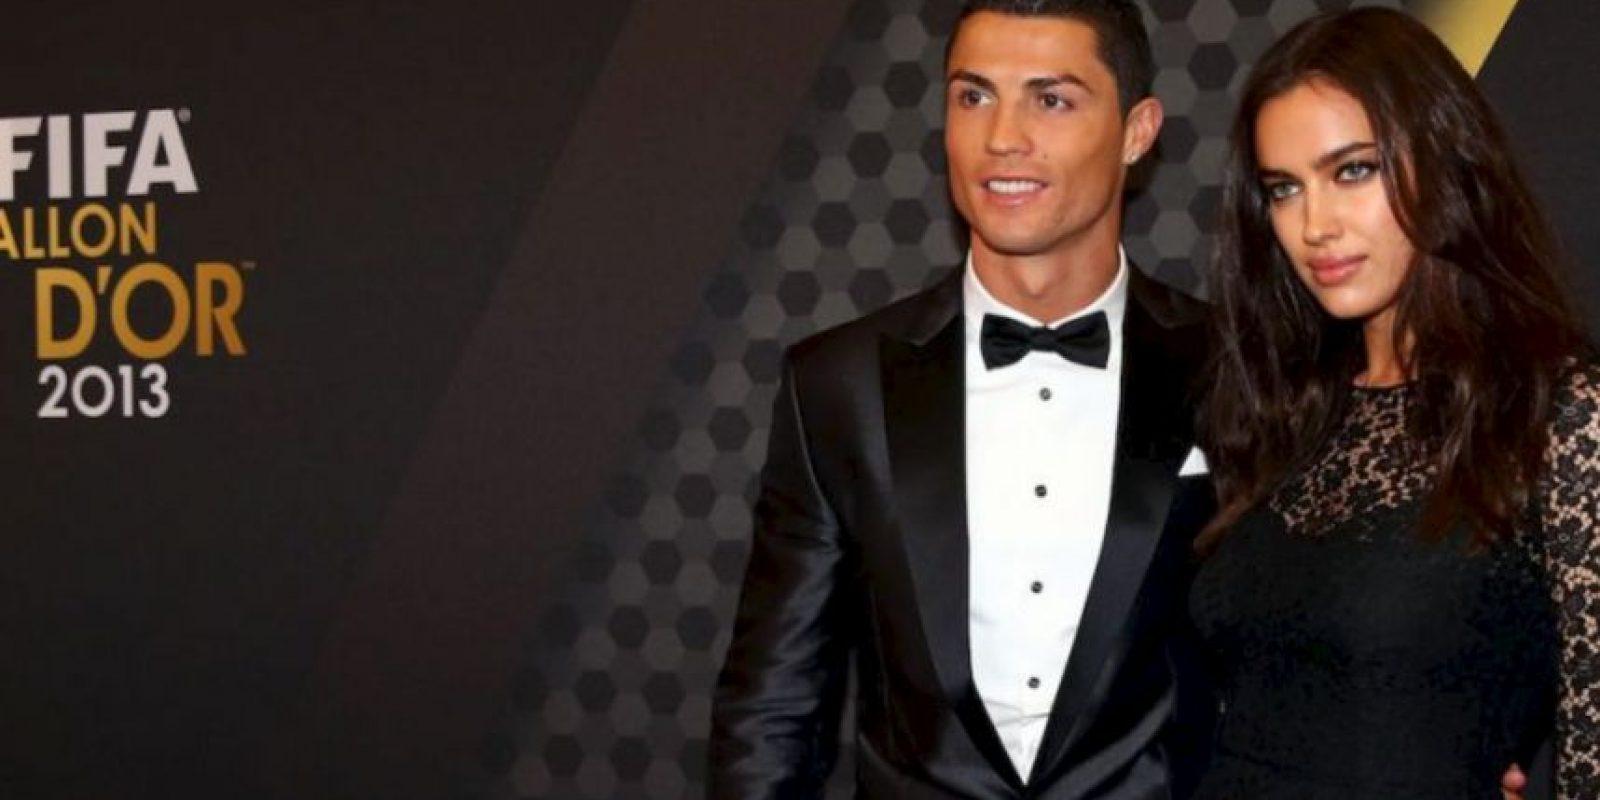 Irina acompañó a Cristiano Ronaldo a la gala del Balón de Oro en enero de 2014, mismo que ganó el portugués y le dedicó a la modelo. Foto:Getty Images